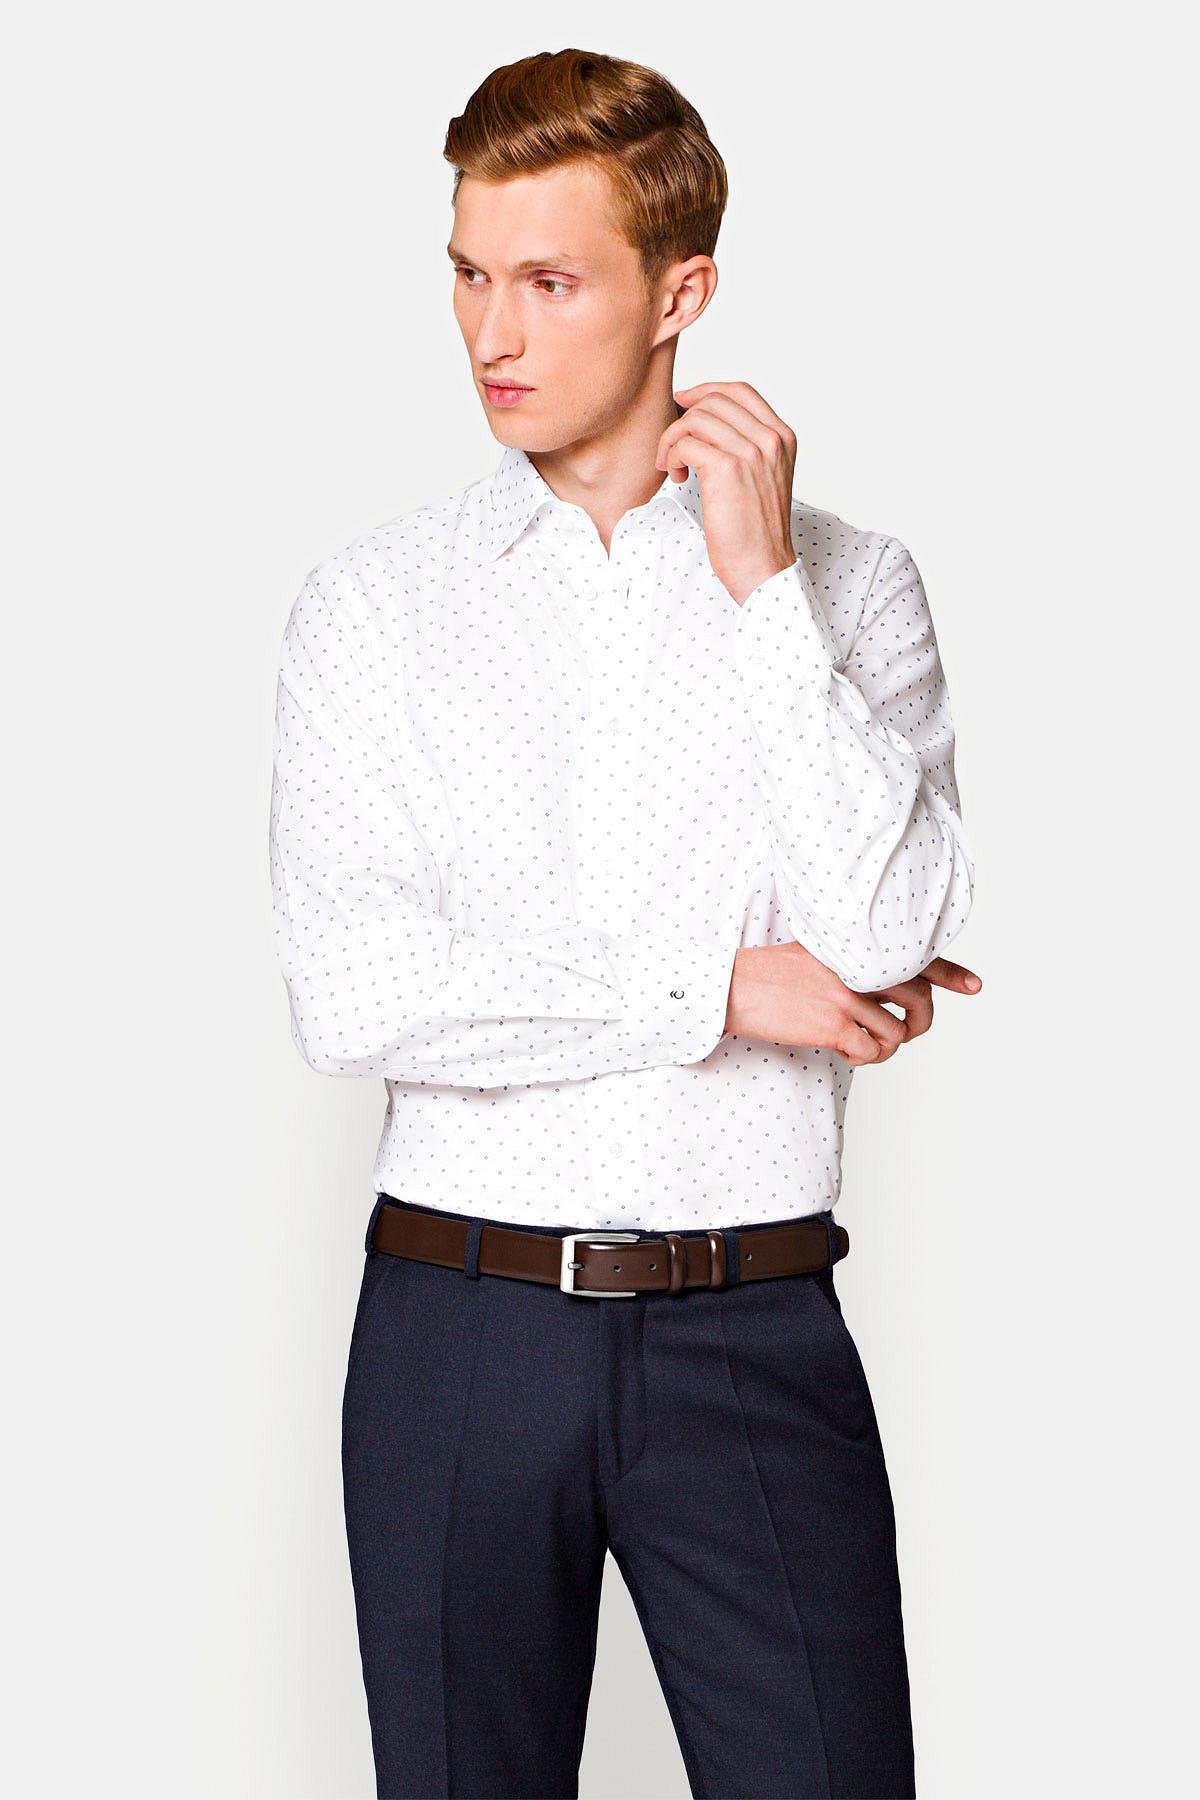 Koszula Biała w Granatowy Wzór Tina rozmiar (176-182)/39; (176-182)/41; (176-182)/42; (176-182)/44; (188-194)/40; (188-194)/41; (188-194)/46